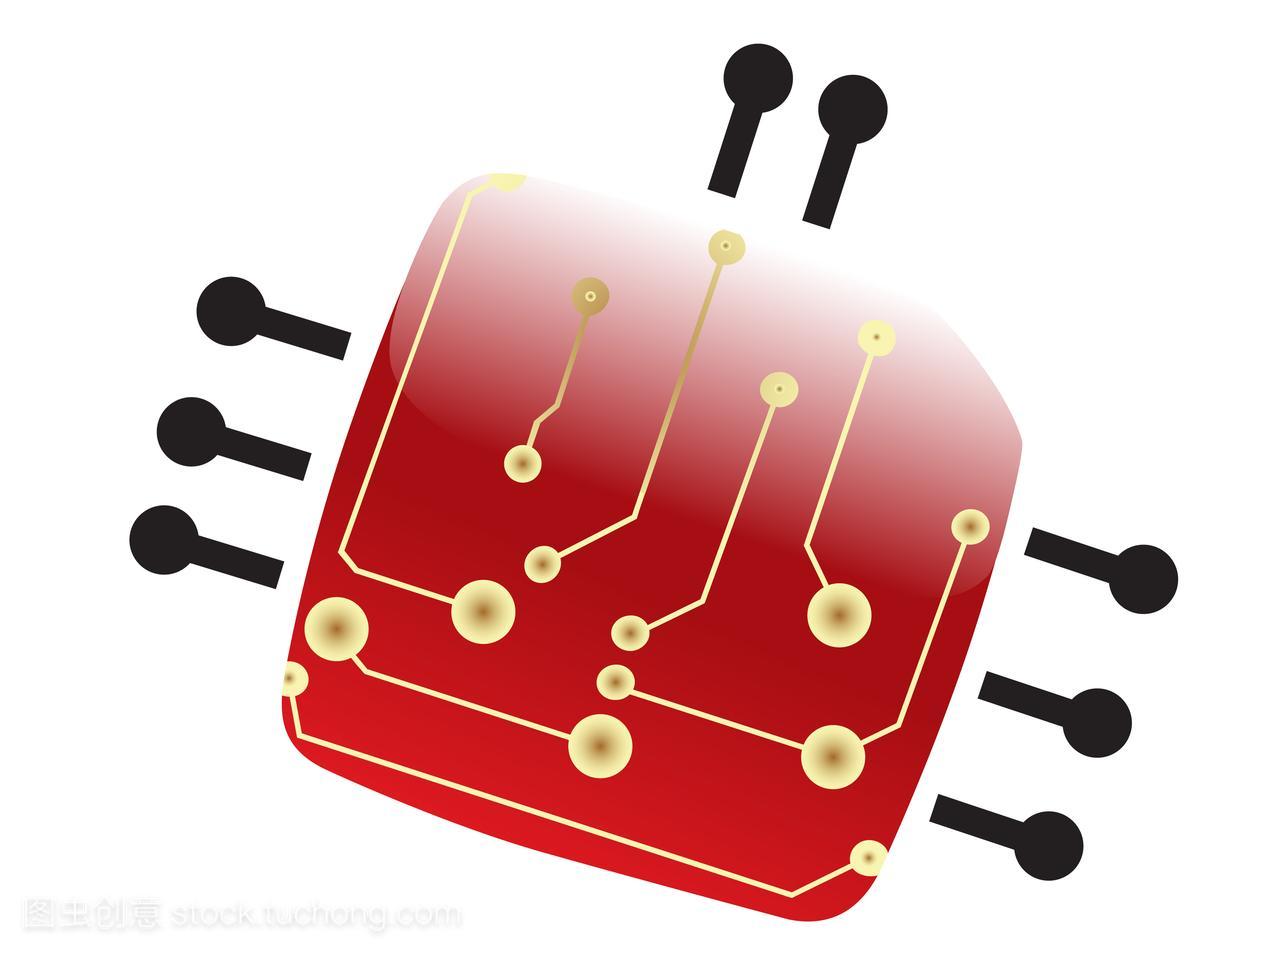 花样,v花样,联网,资料,组件,意思,芯片,网络,薯片,结构是图纸中什么fh建筑图片